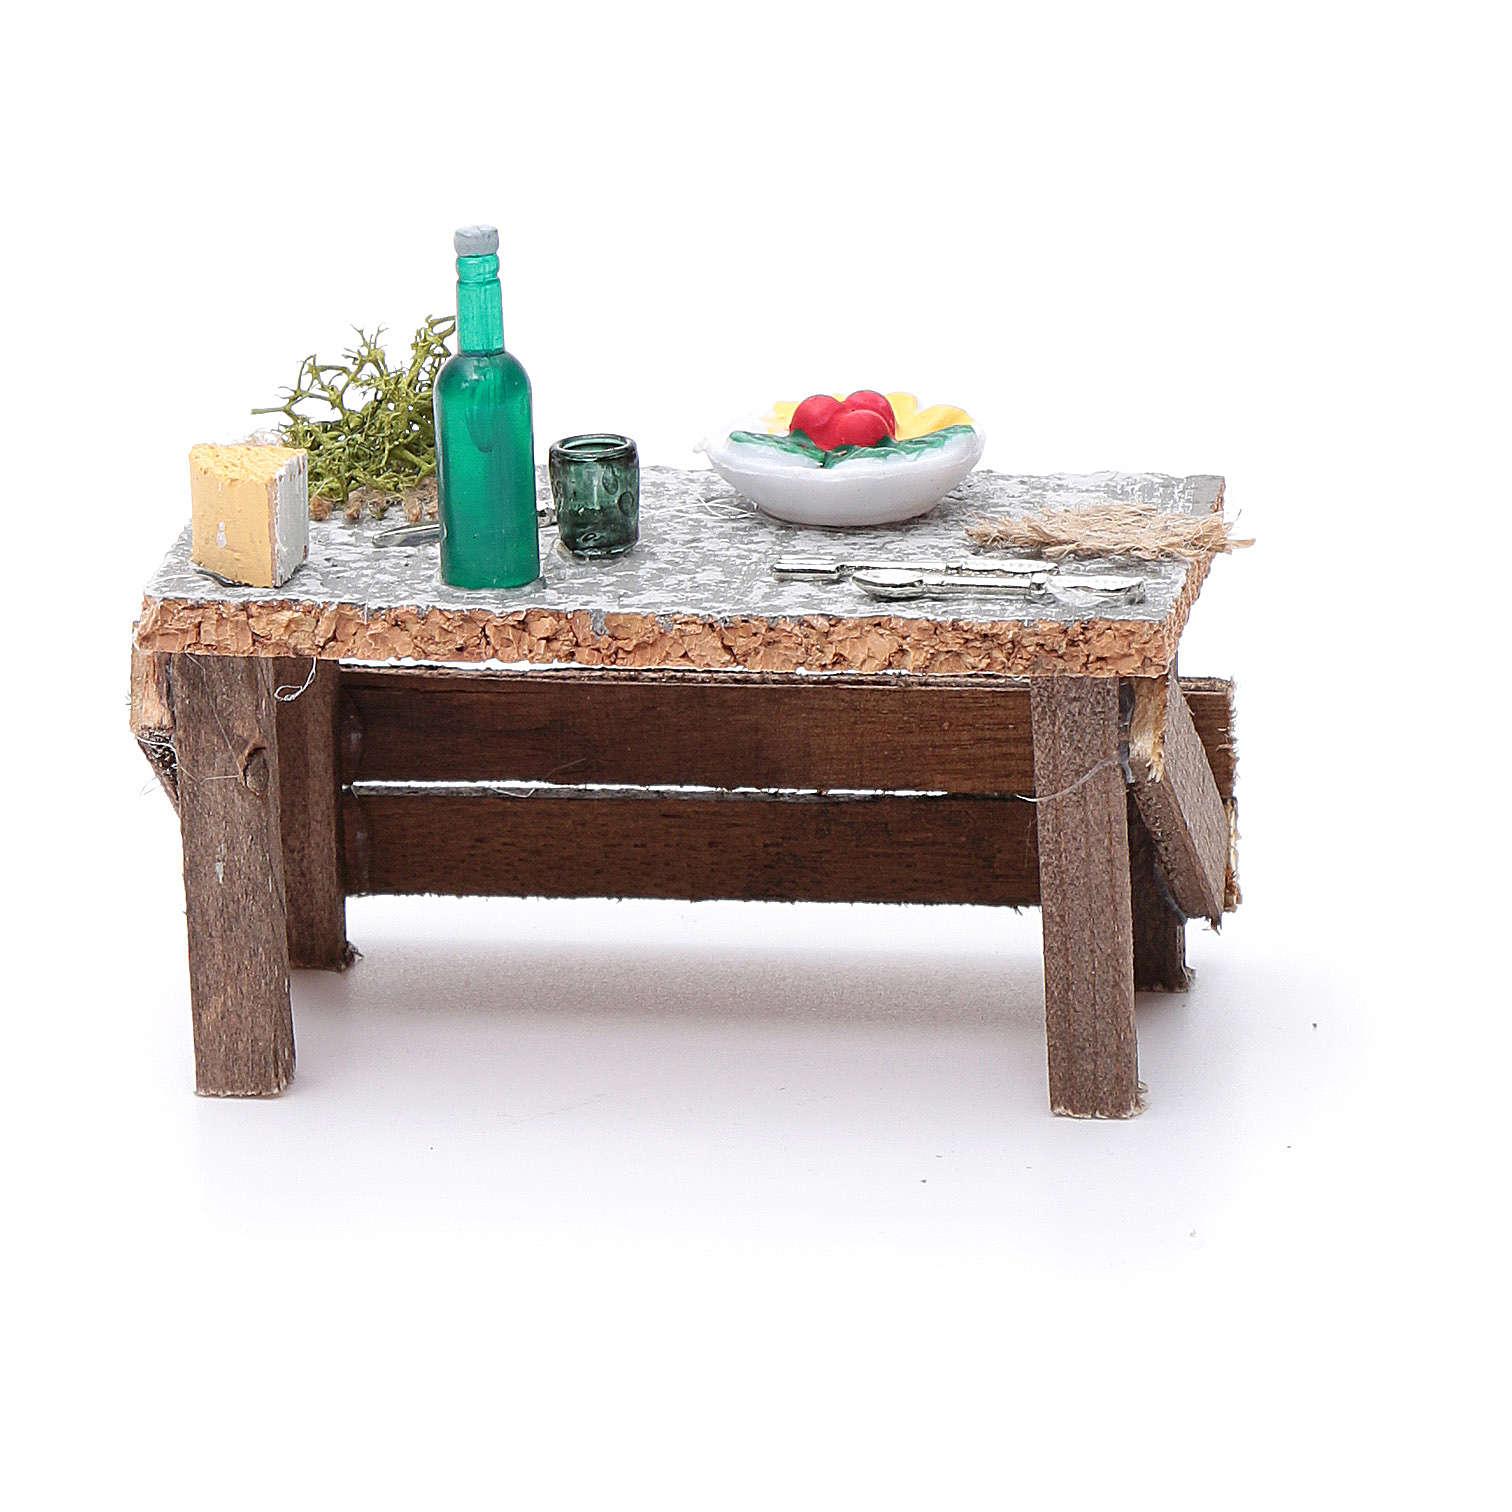 Banchetto piatto e posate 5x10x5 cm per presepe 4